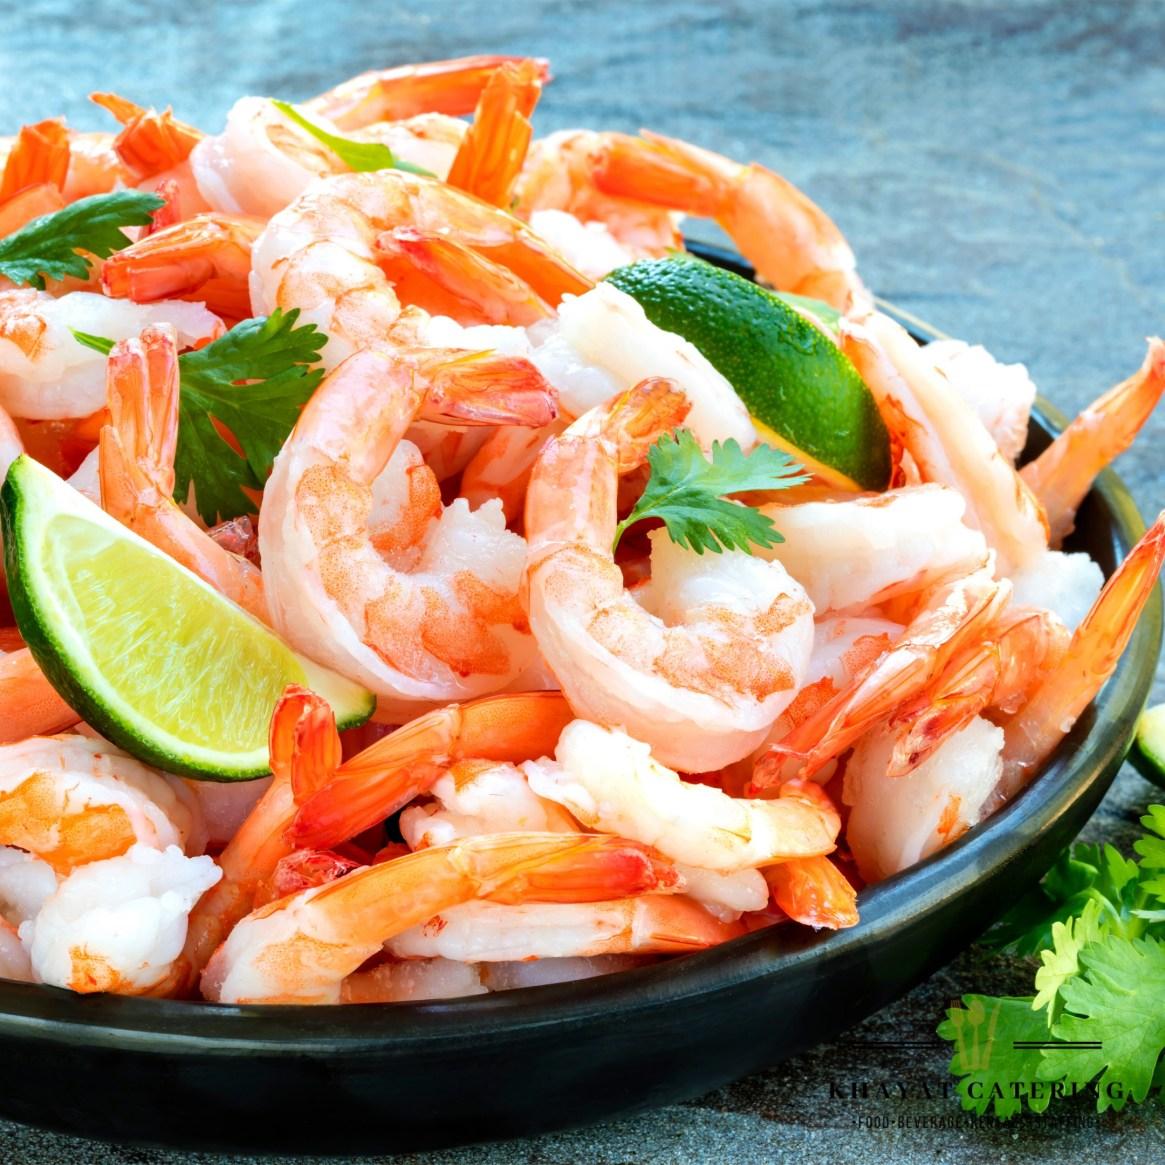 Khayat Catering Chilled jumbo shrimp platter